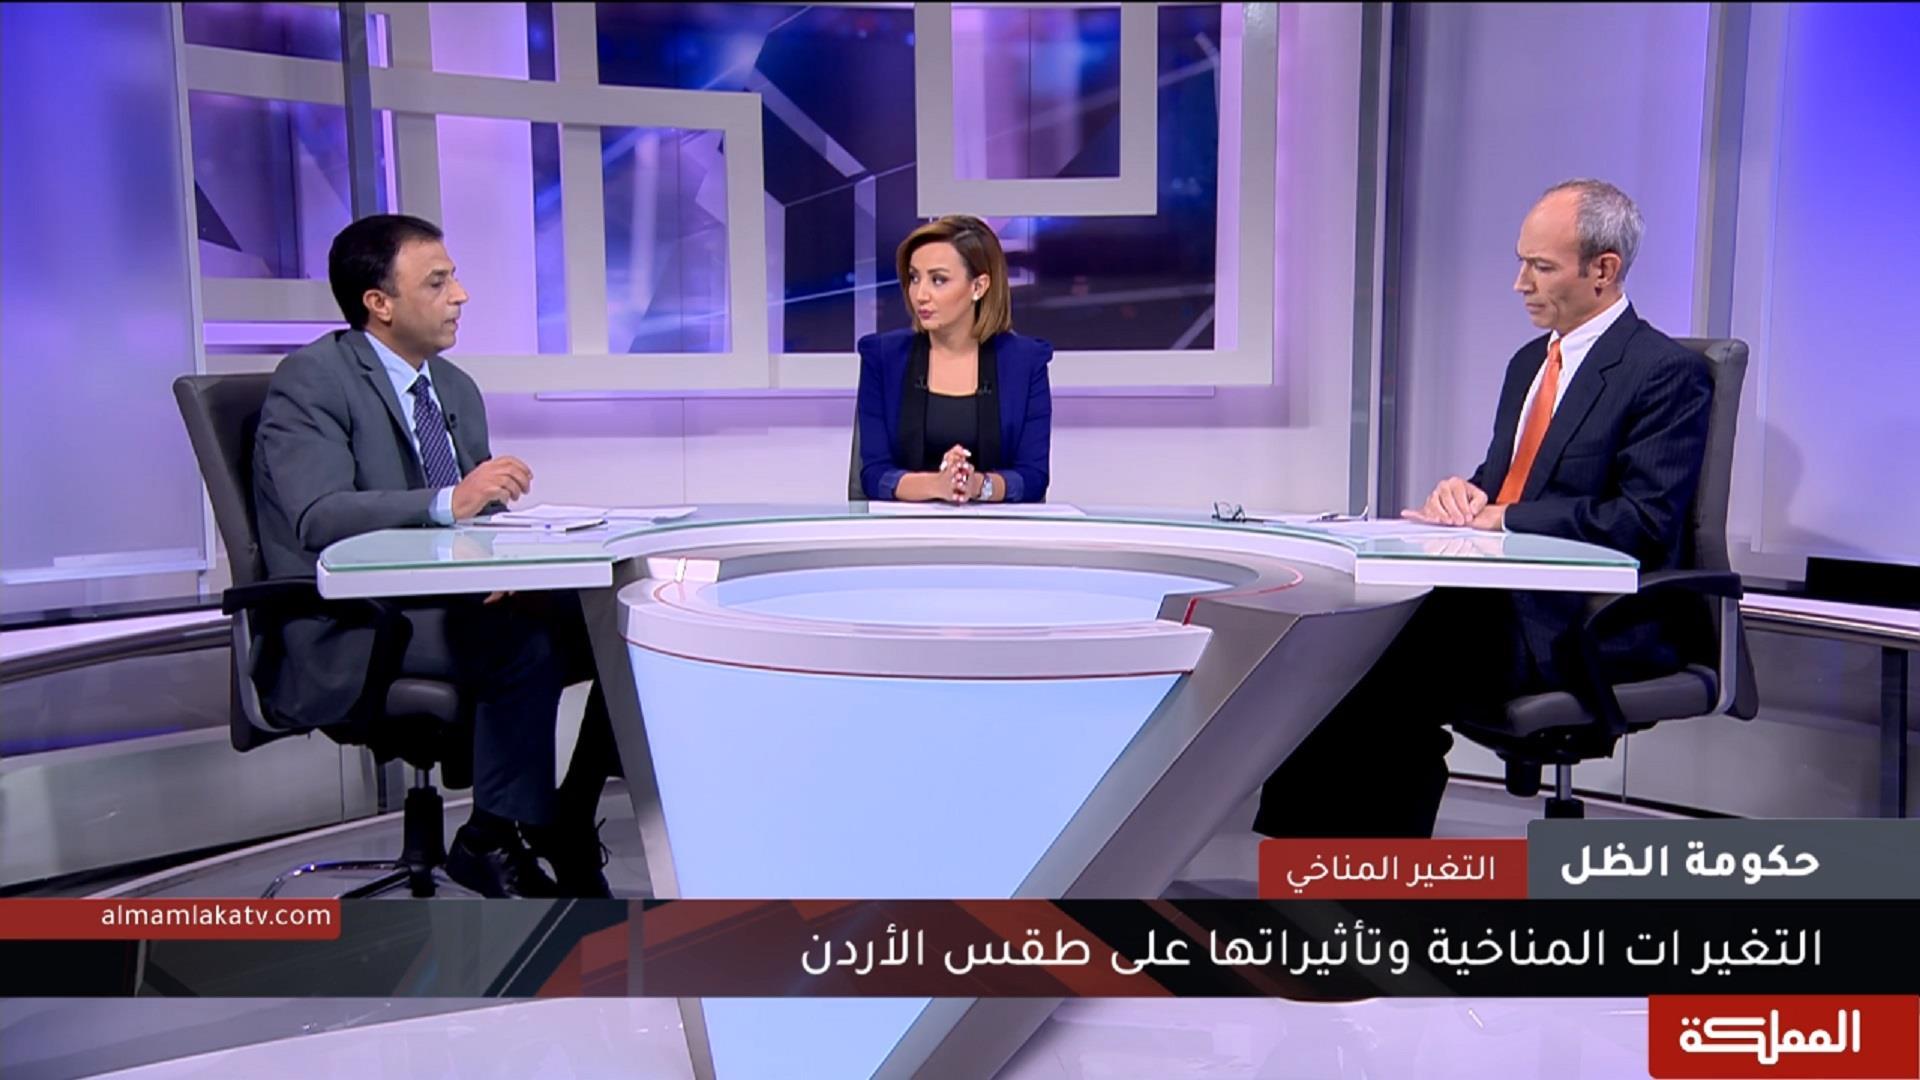 حكومة الظل | التغيرات المناخية وتأثيراتها على الأردن